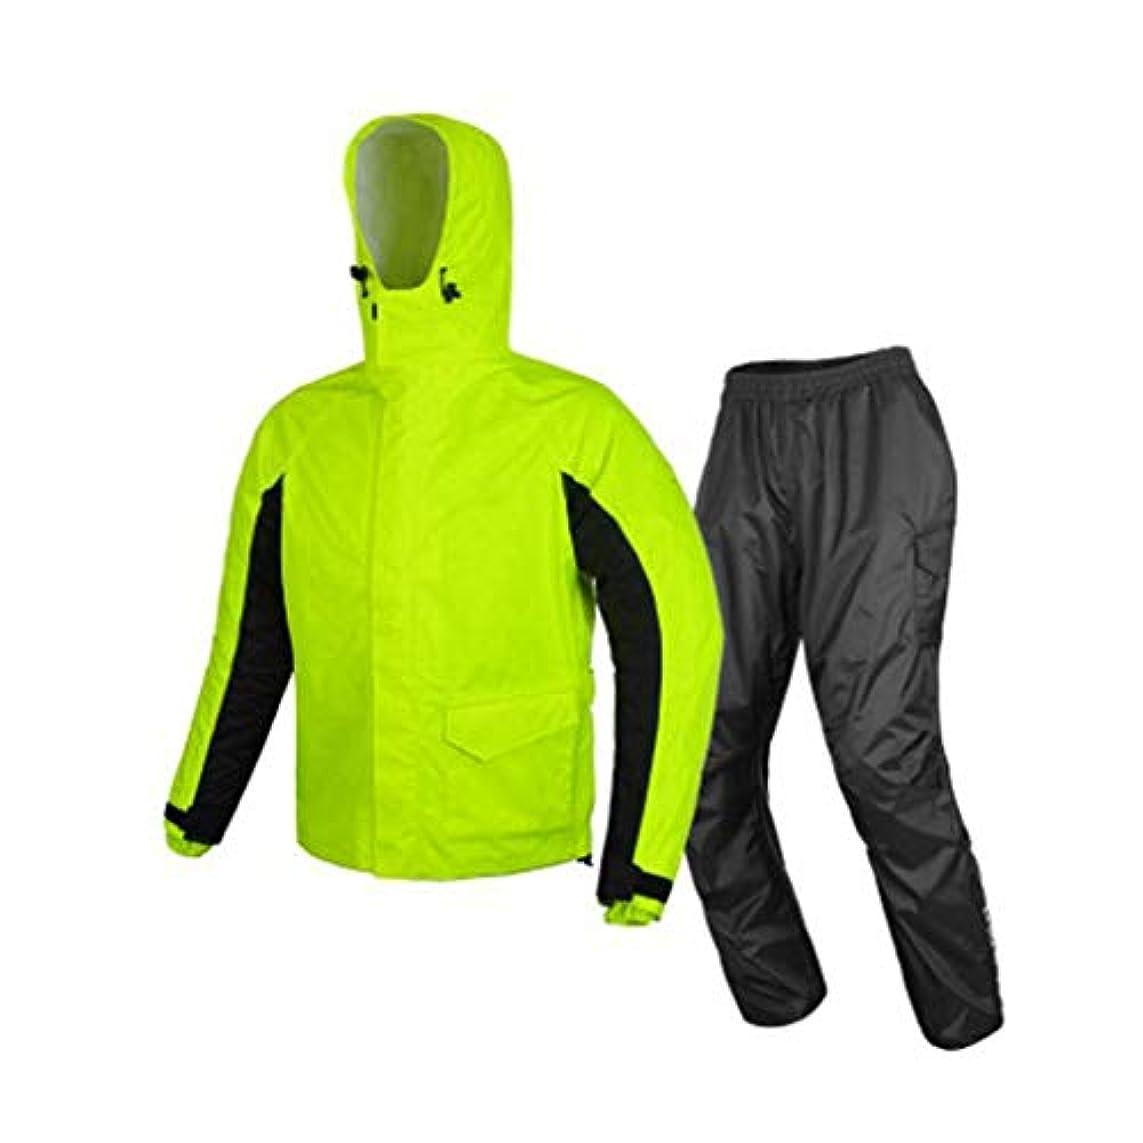 保証するコンサートキャンバスJTWJ レインコートレインパンツスーツ分割旅行反射通気性レインコート、キャンプ、ハイキング、その他の野外活動に適しています(ブラック/蛍光グリーン) (色 : 蛍光緑色, サイズ さいず : S s)